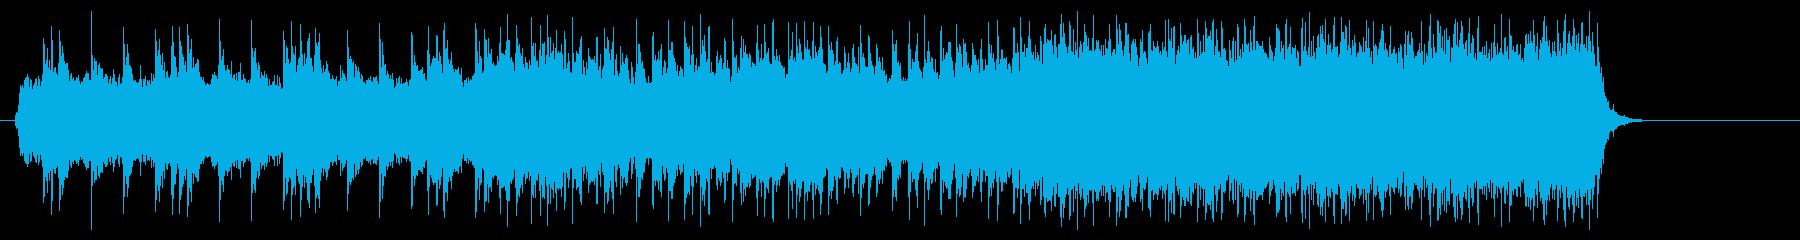 ヘヴィーでアメリカンなパワフルテーマの再生済みの波形